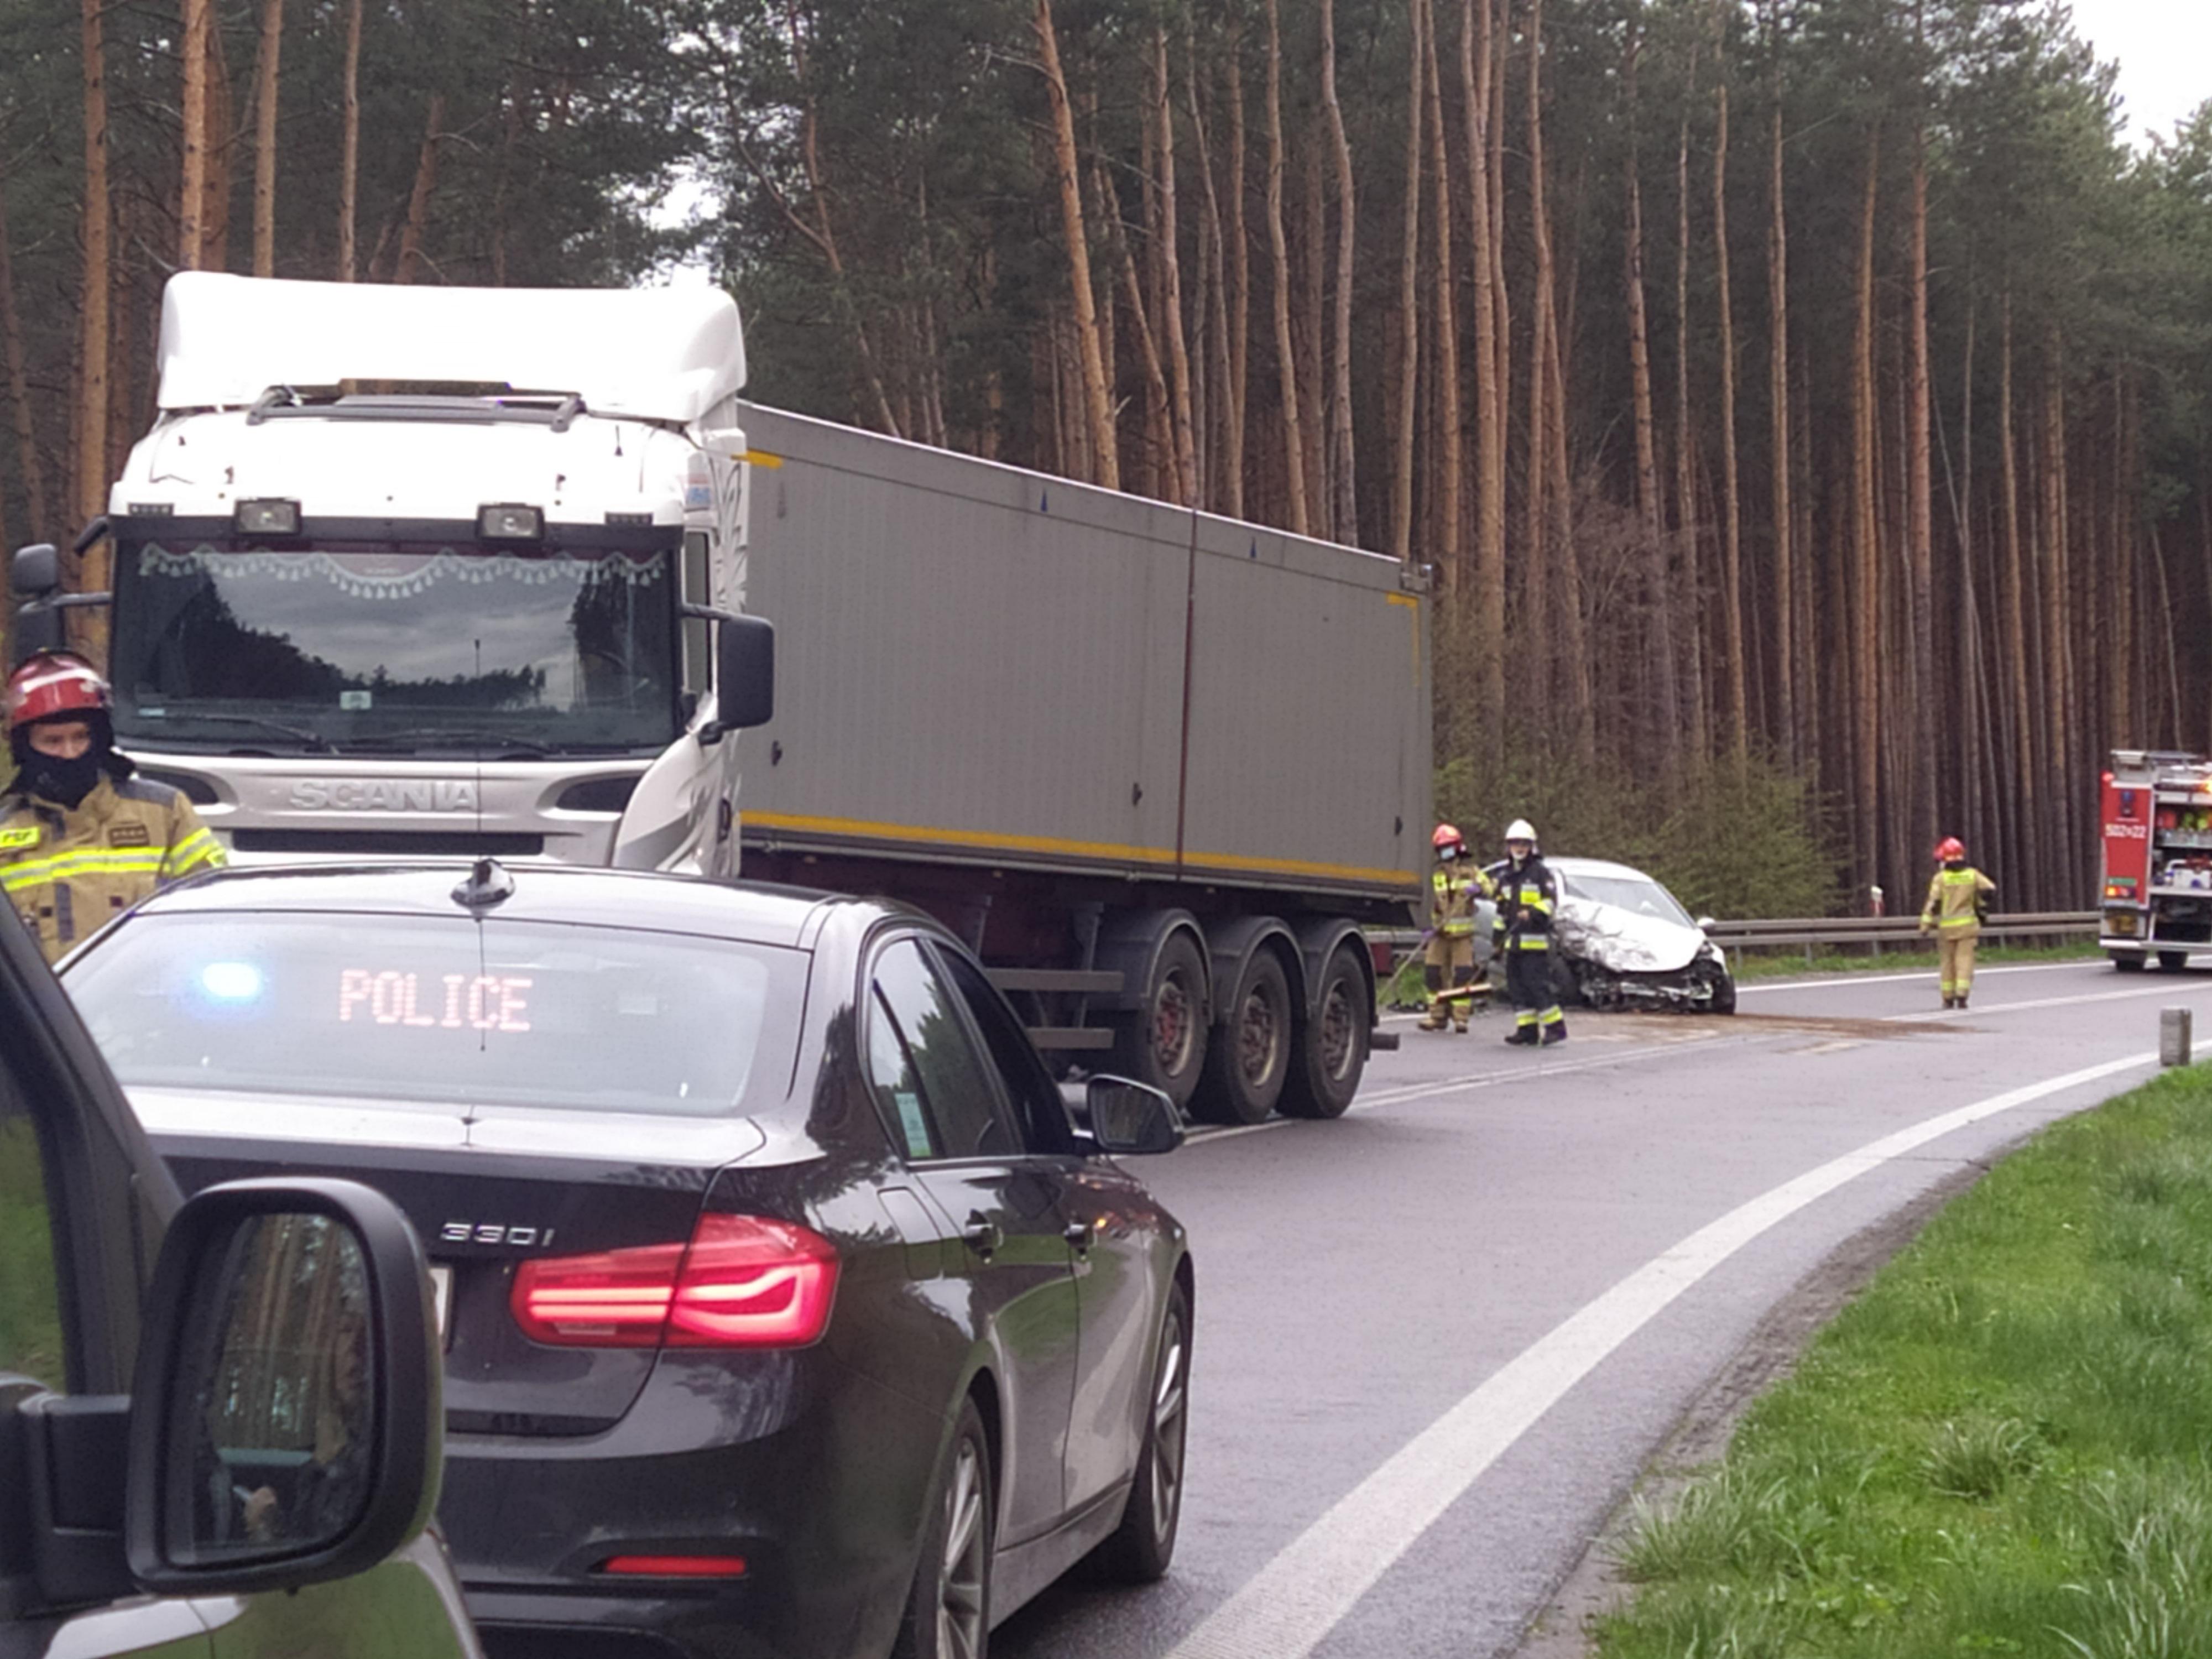 Groźny wypadek na obwodnicy Mielca. Droga zablokowana  - Zdjęcie główne